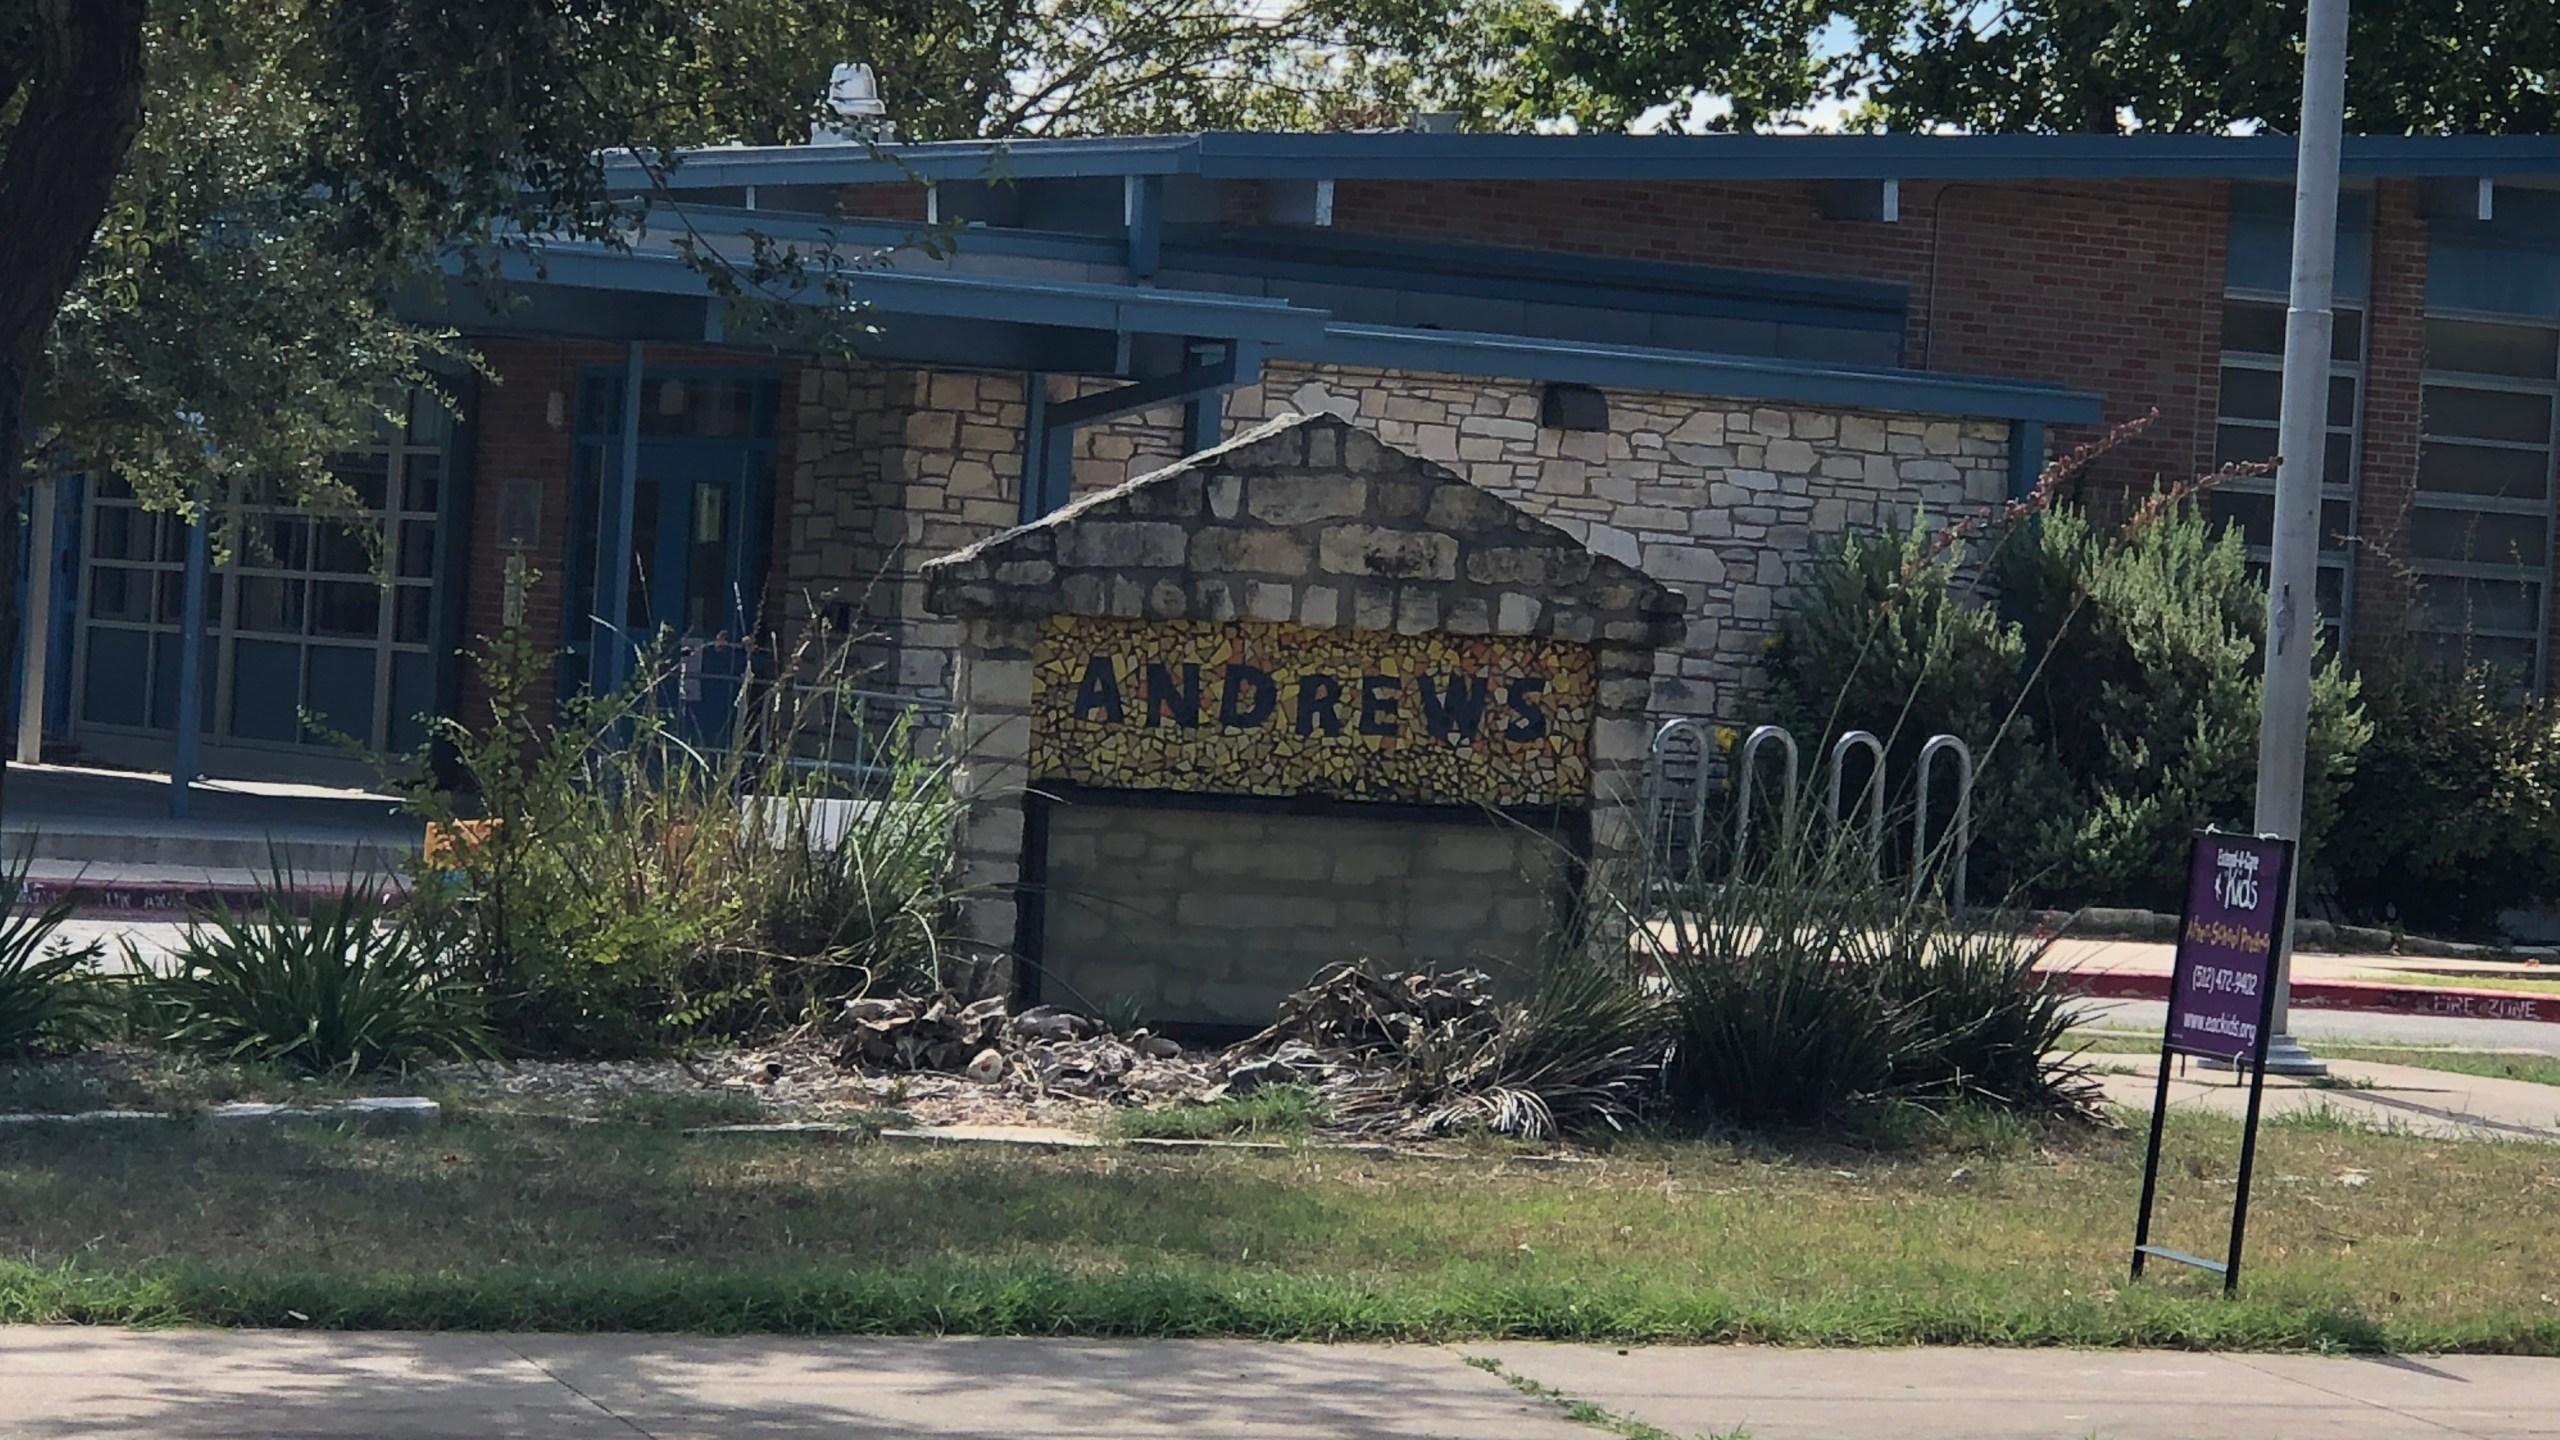 andrews elementary 2_1535737365984.jpg.jpg